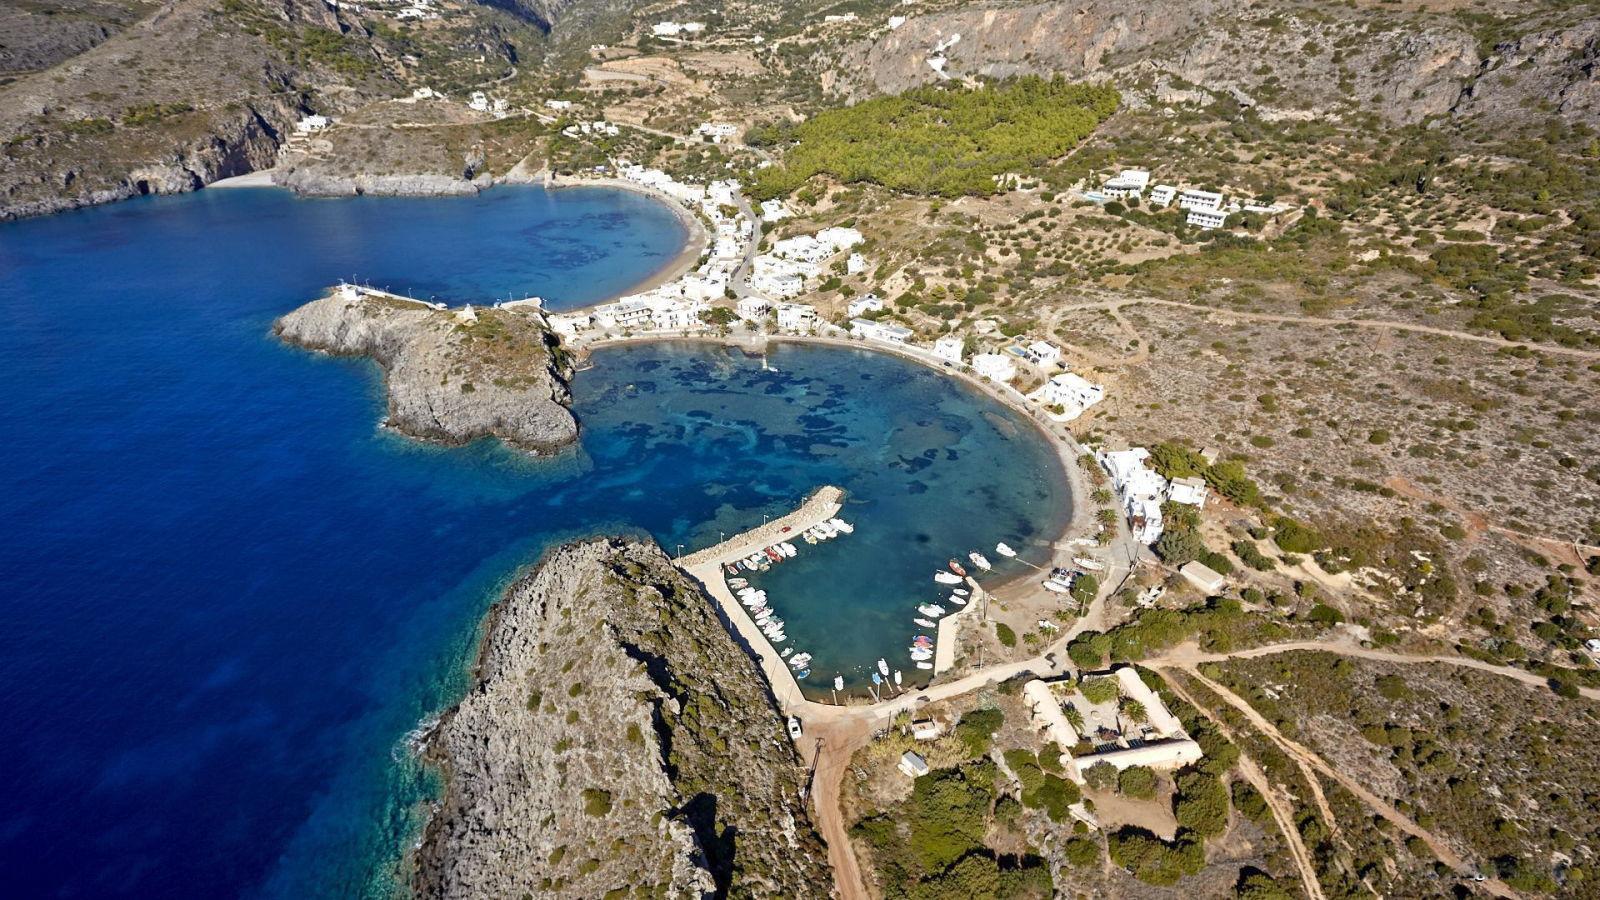 kythira greece holiday